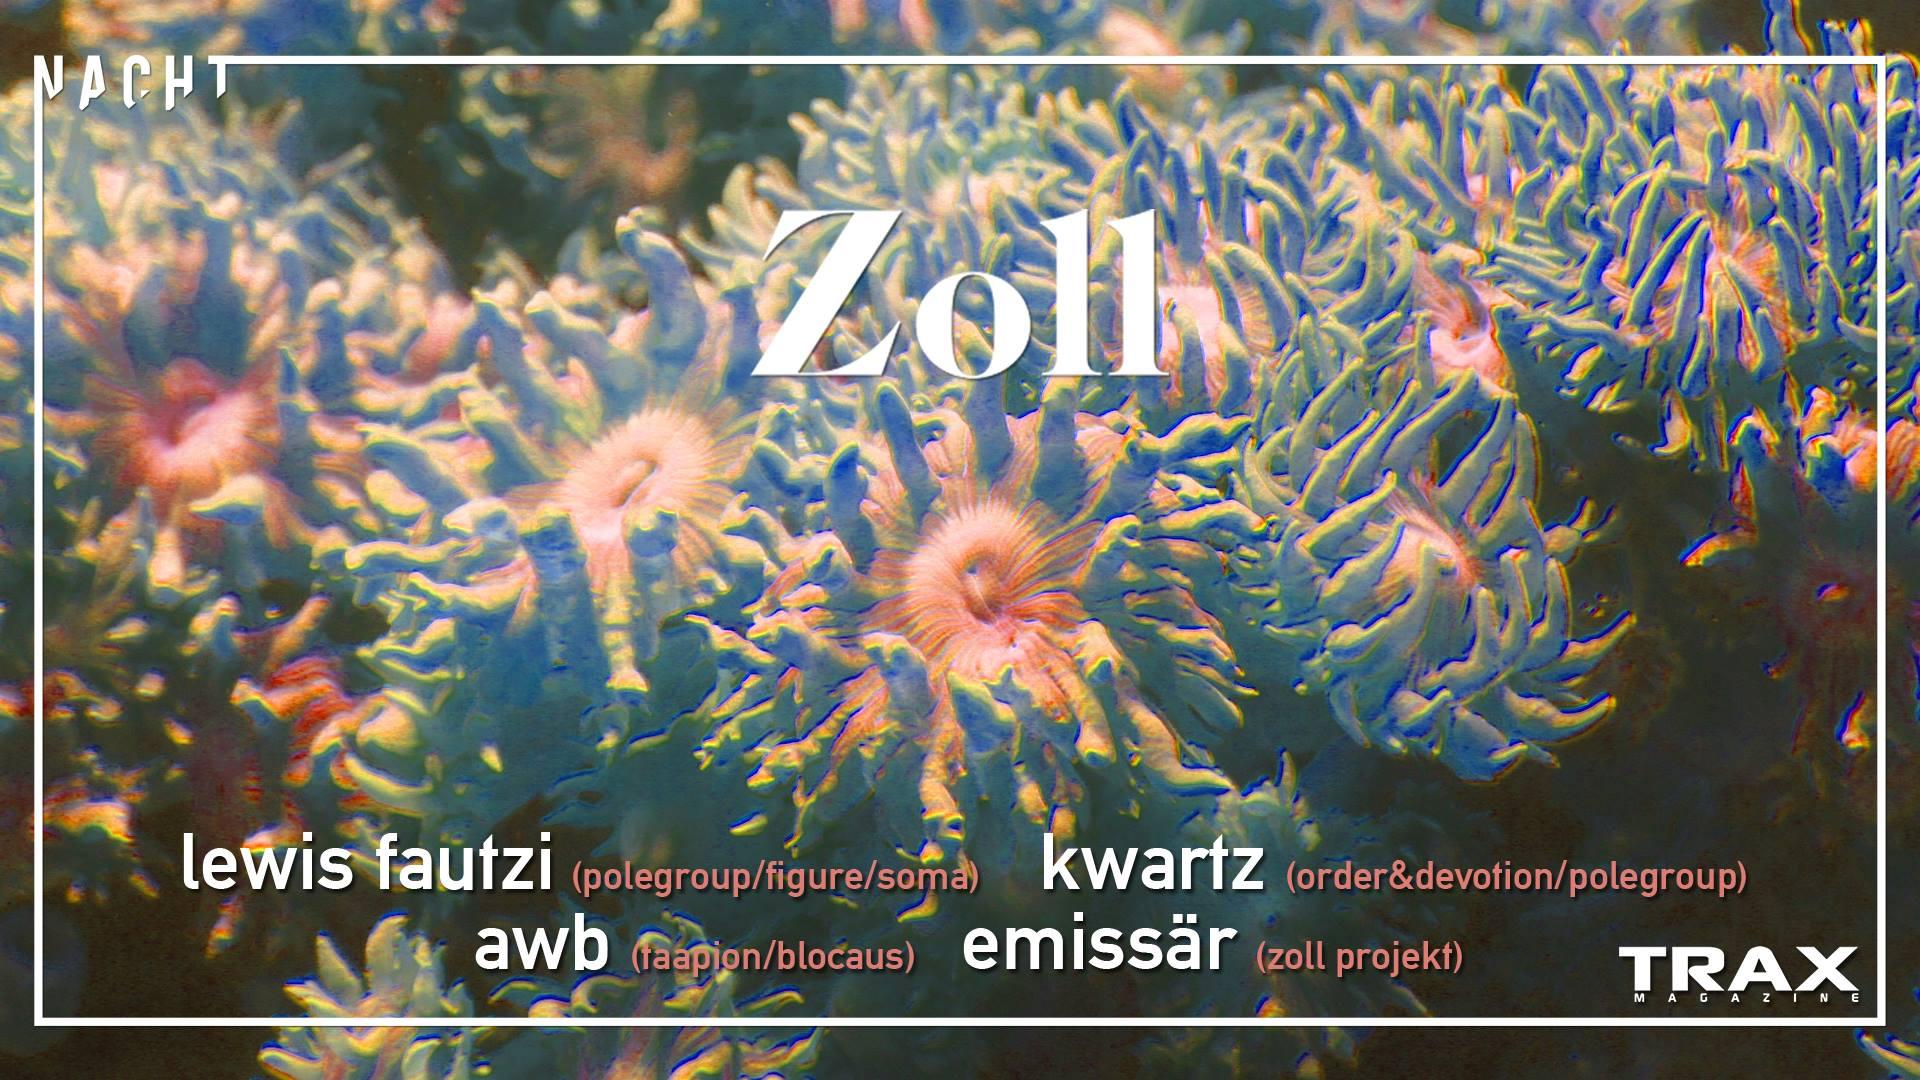 Zoll Nacht w/ Lewis Fautzi, Kwartz, AWB, Emissär